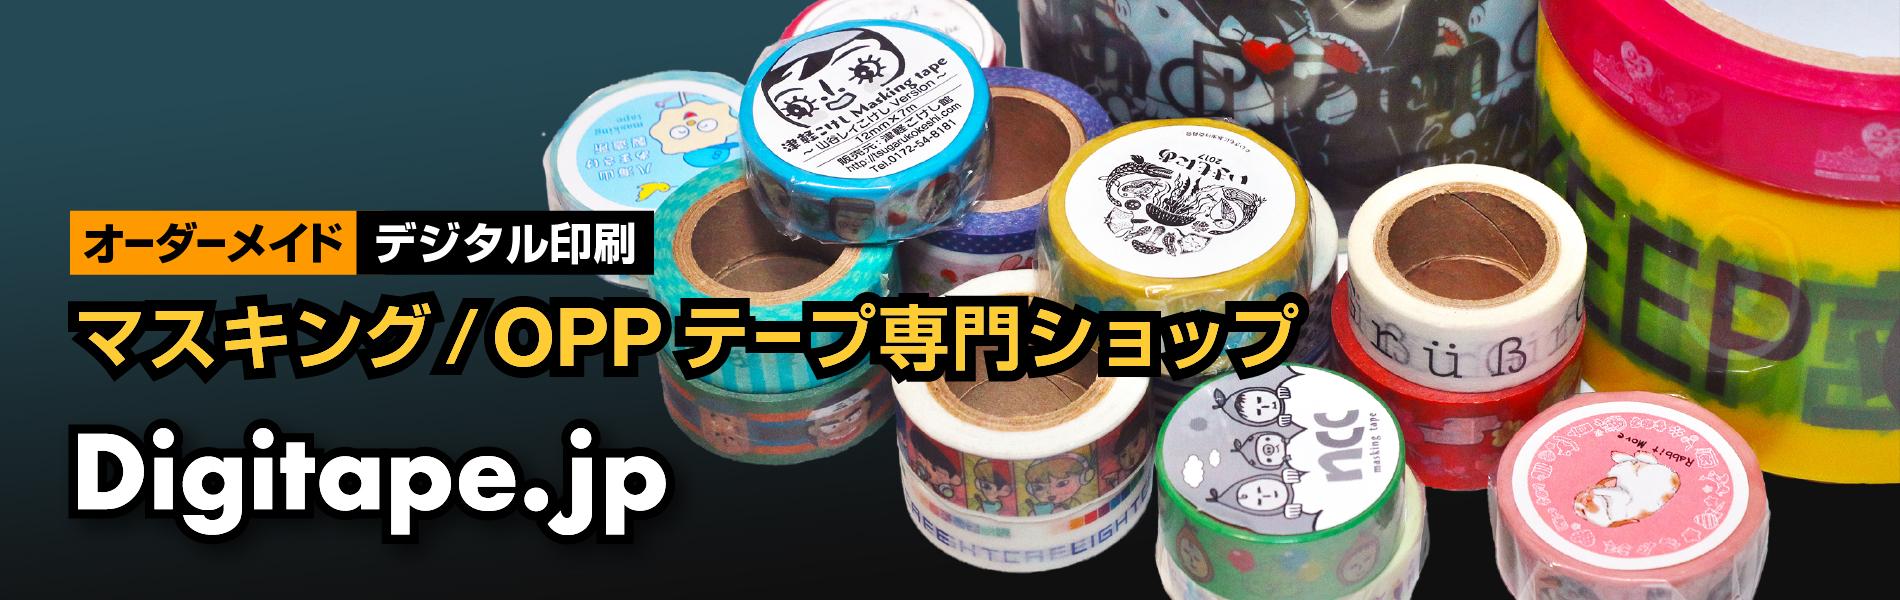 オーダーメイド デジタル印刷 マスキング/OPP テープ専門ショップ digitape.jp